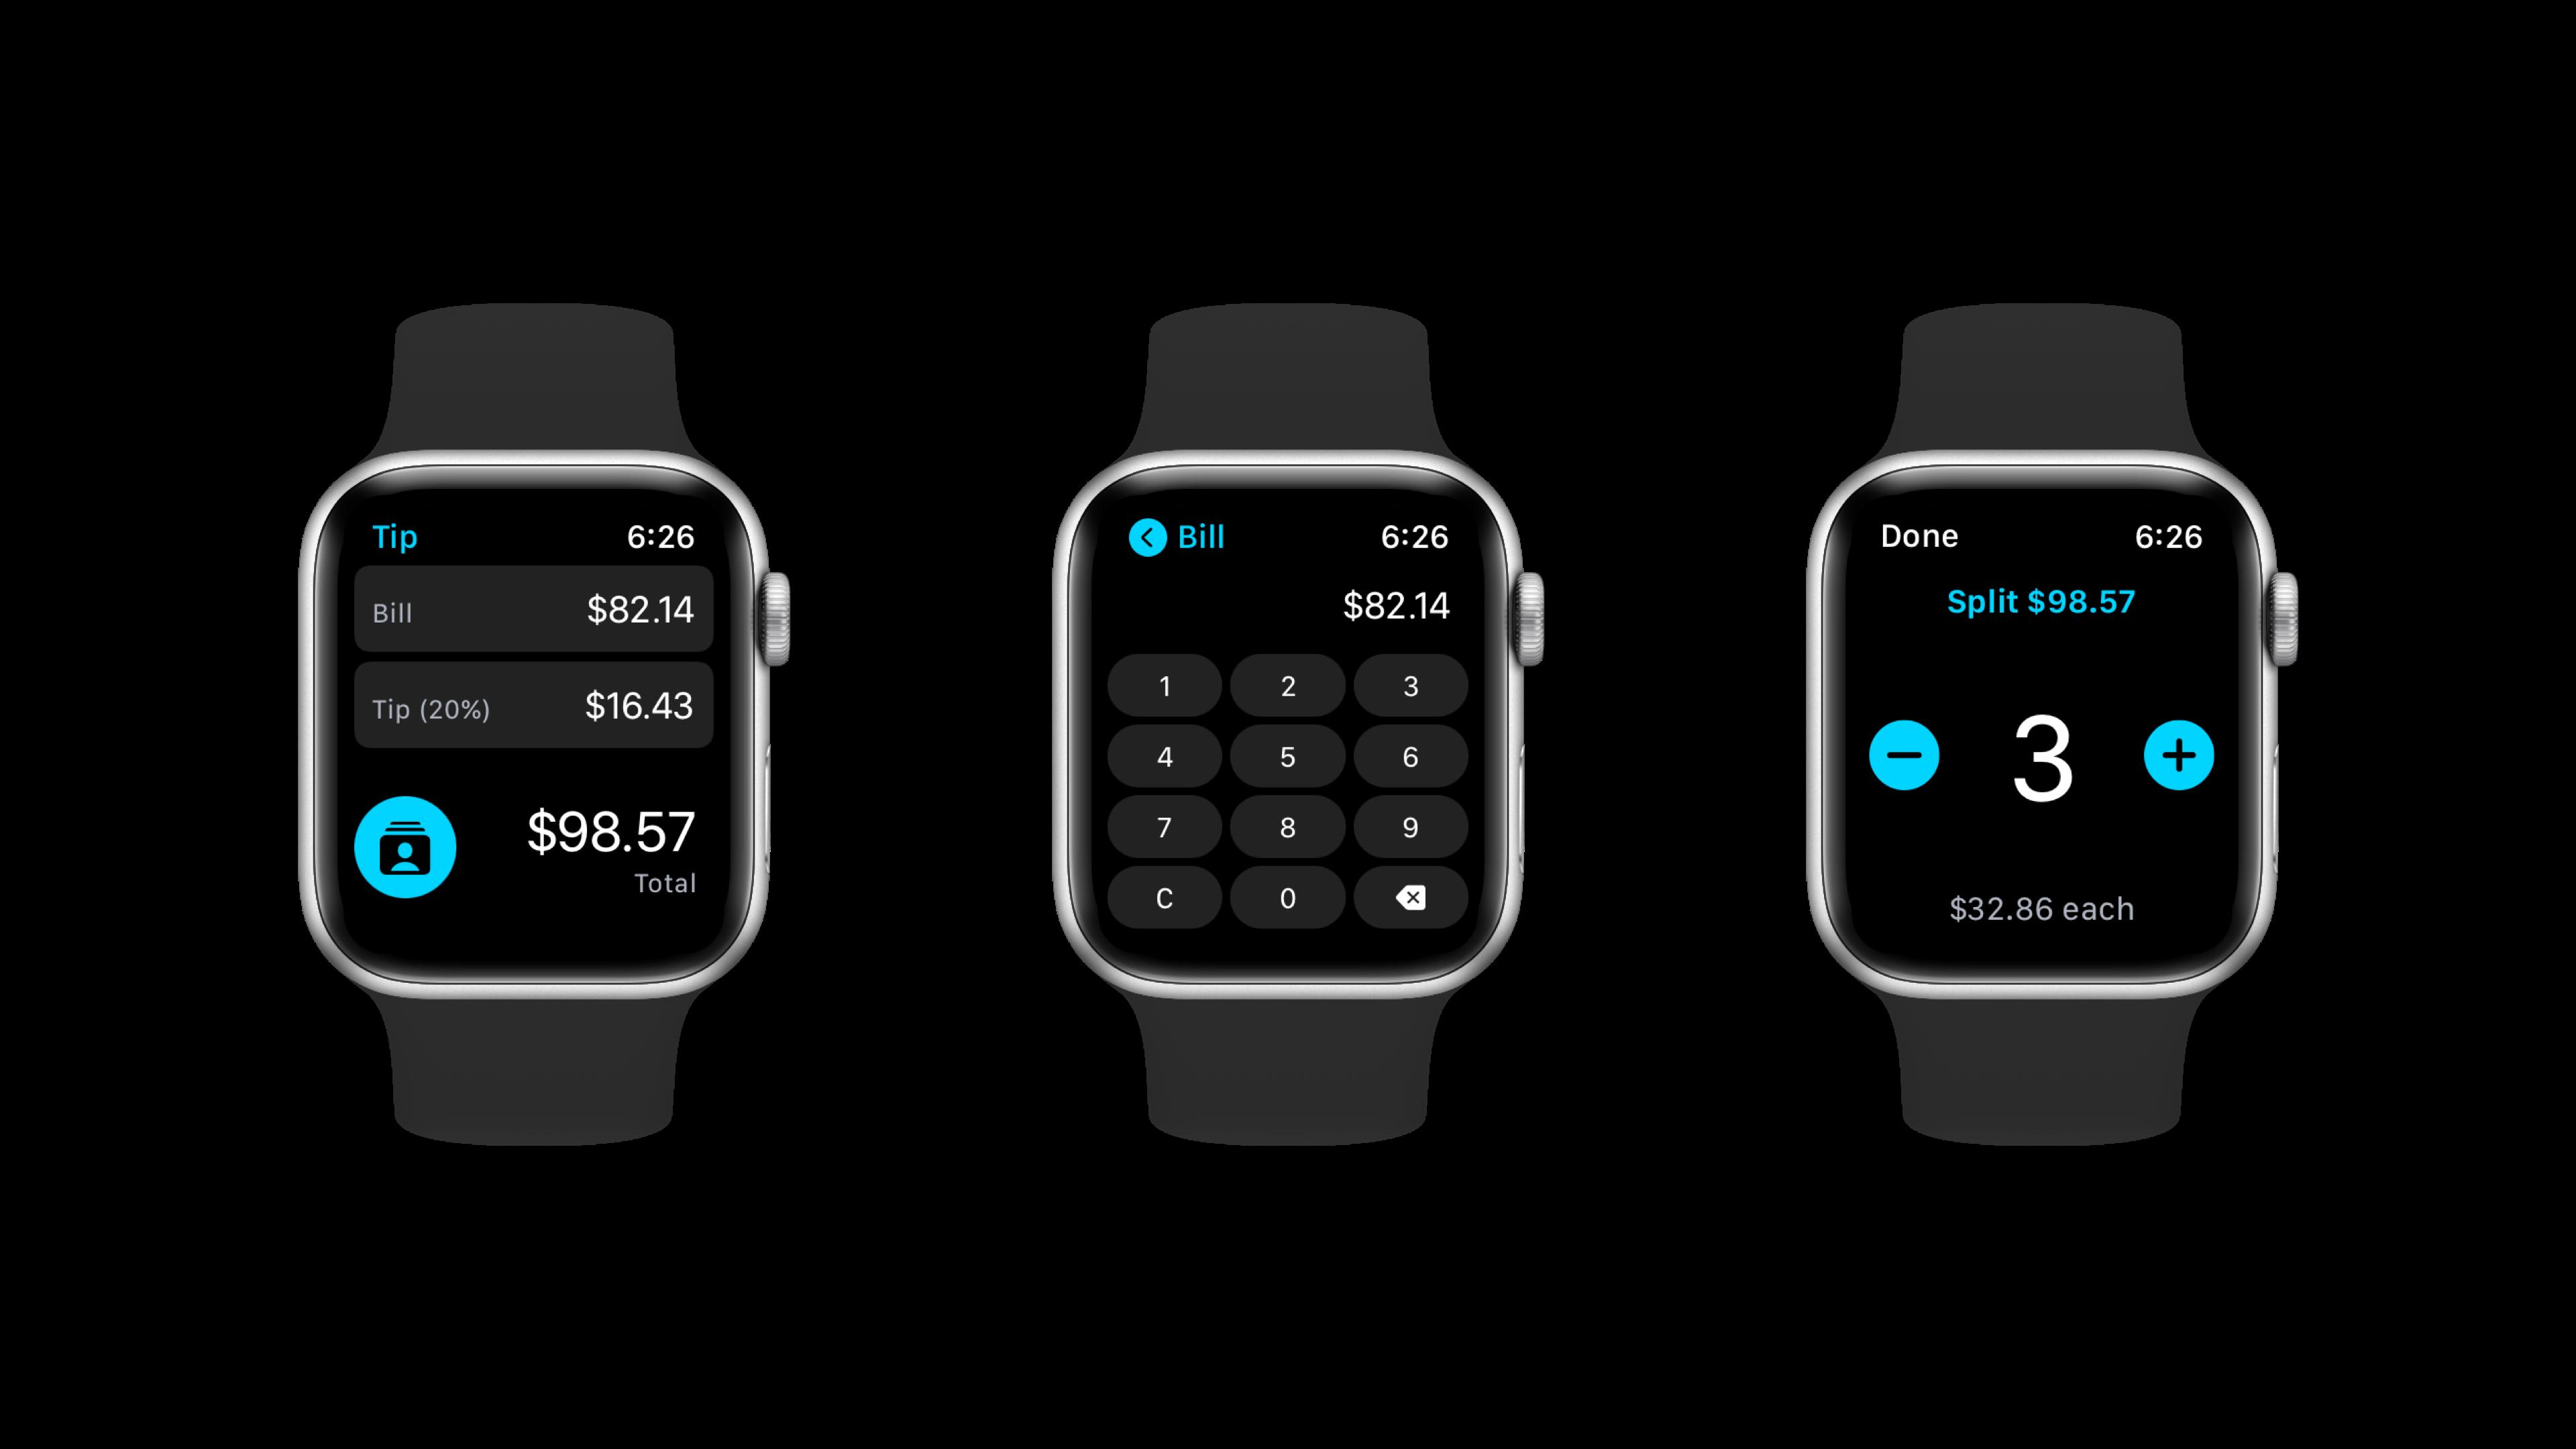 Tip App - watchOS App